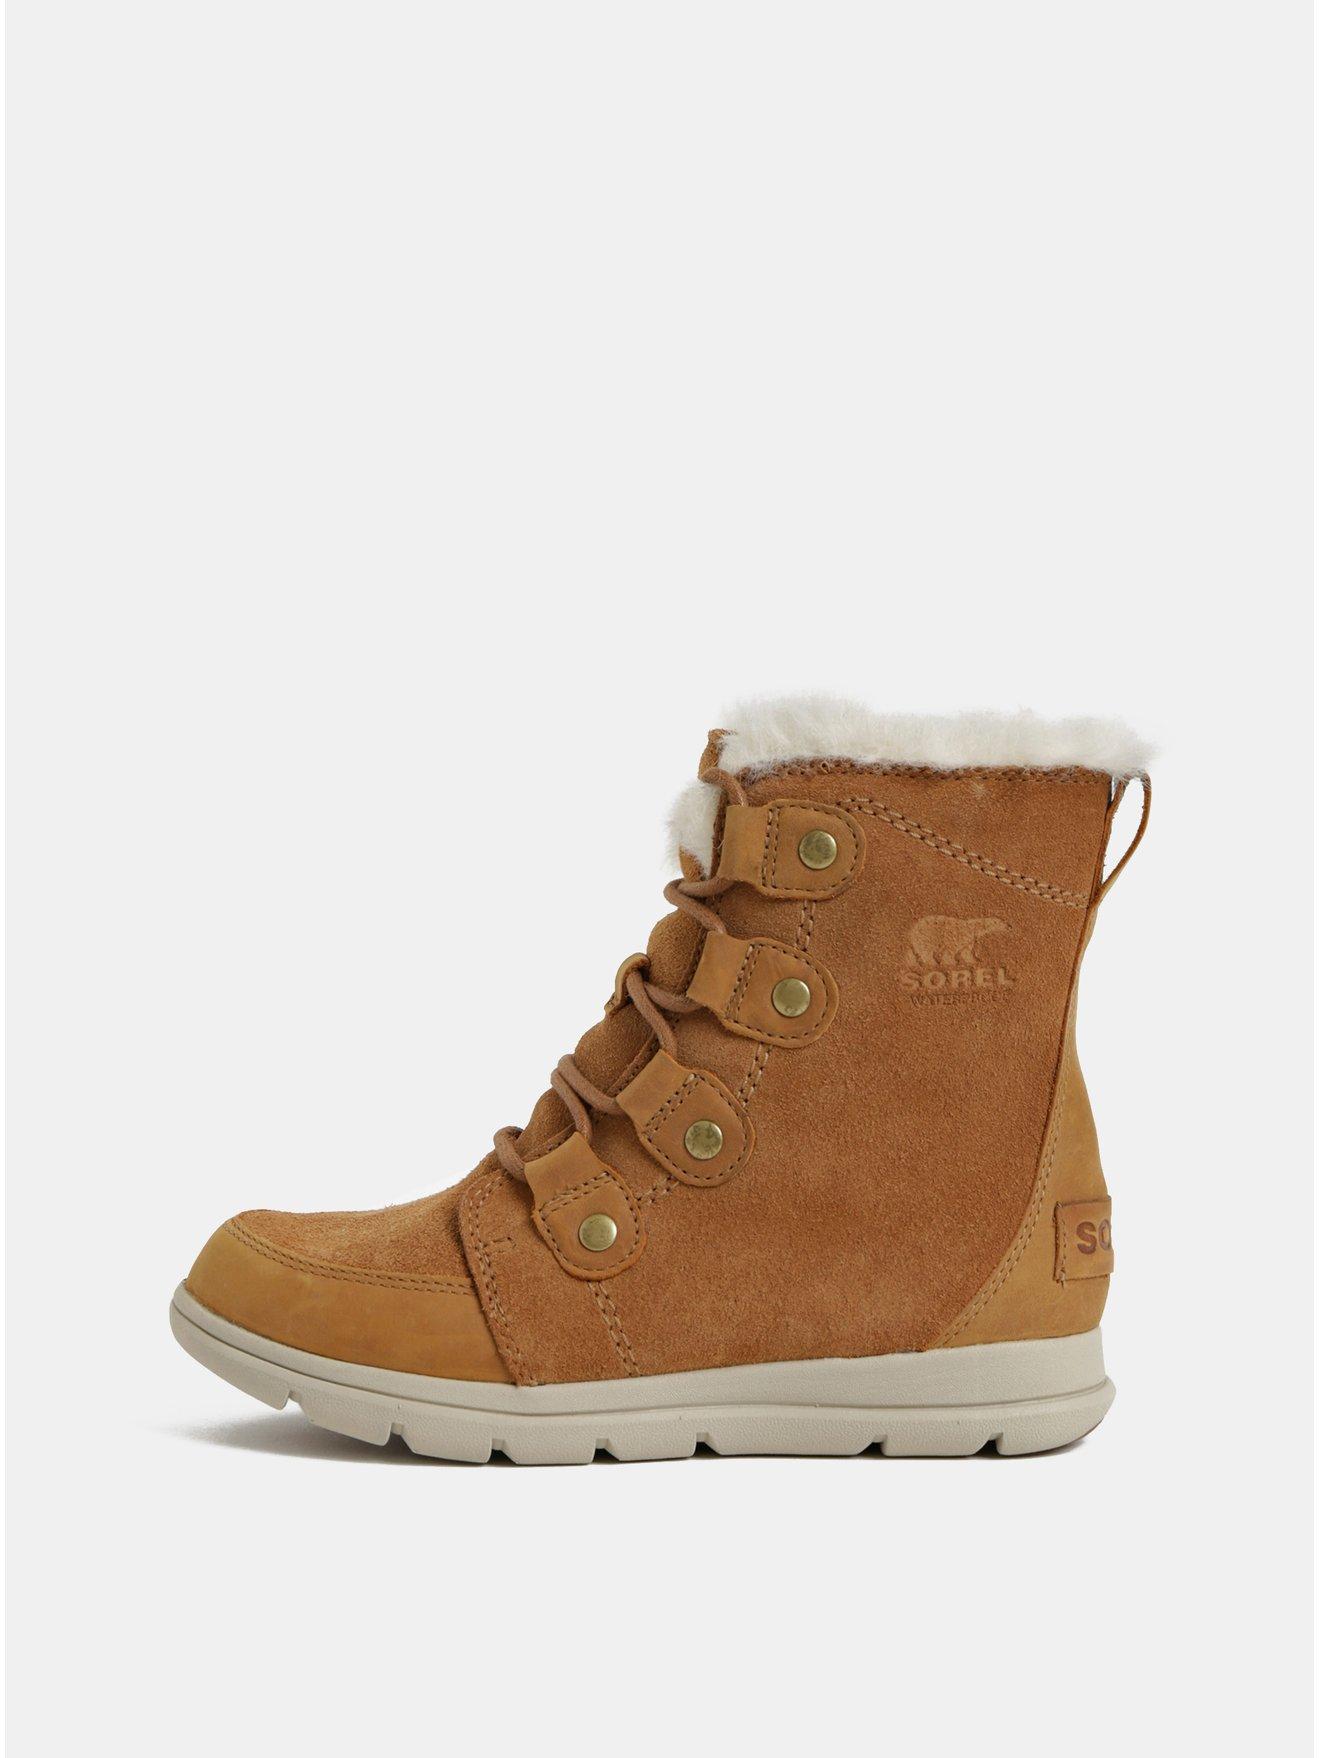 Hnědé dámské zimní voděodolné semišové kotníkové boty SOREL Explorer Joan 7caf8332de